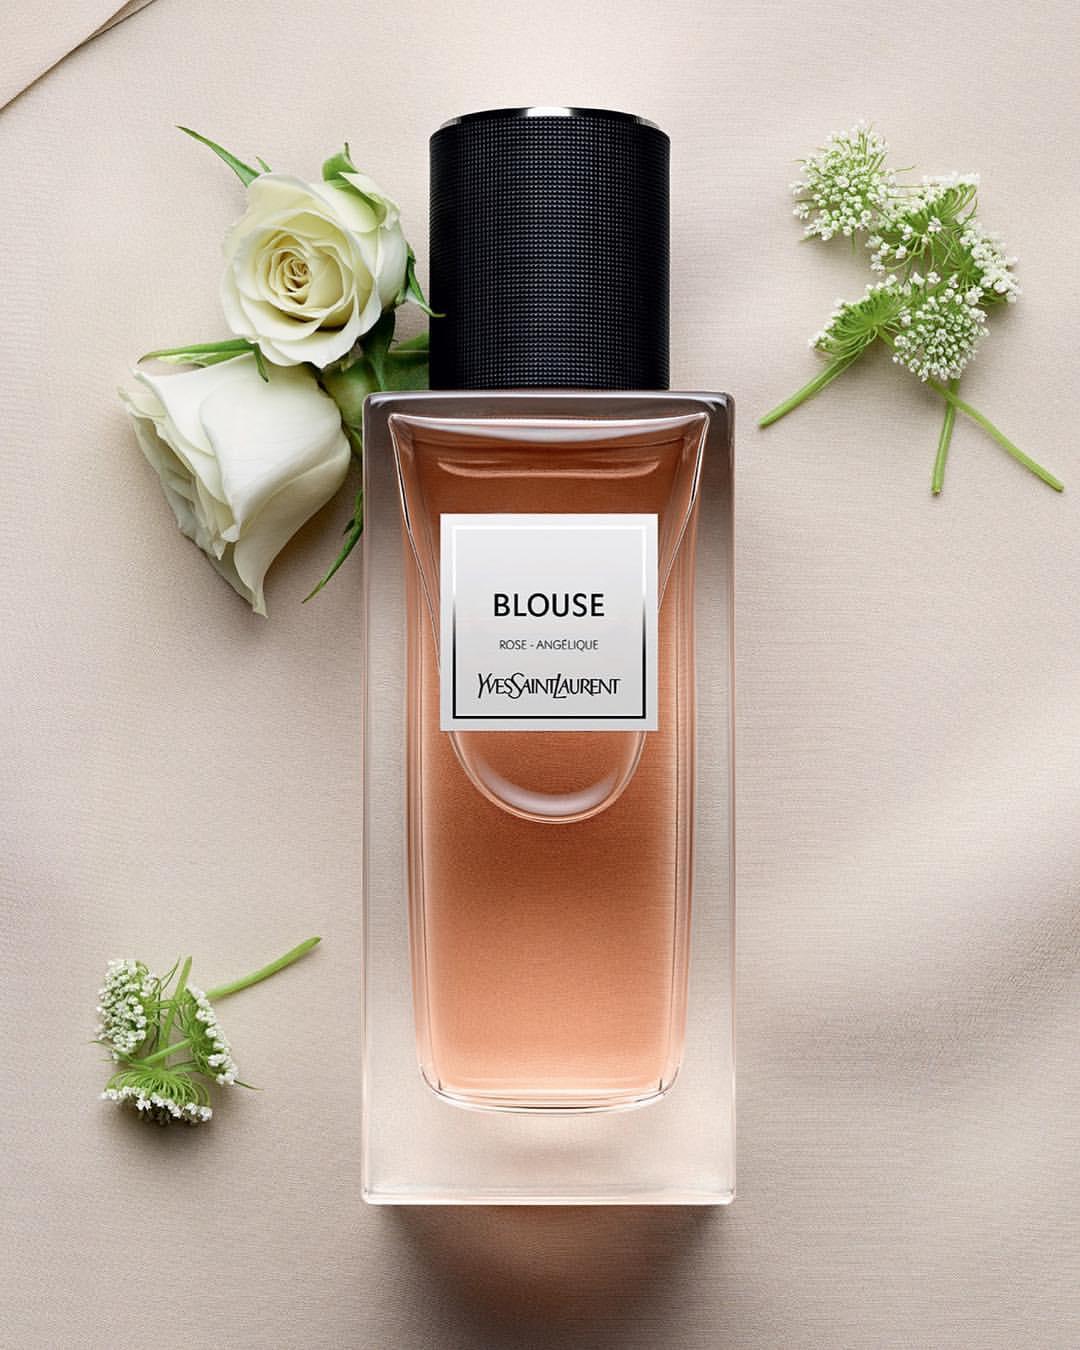 Les-Vestiaire-des-Parfums-YSL-Blouse-TheLuxuryTrends